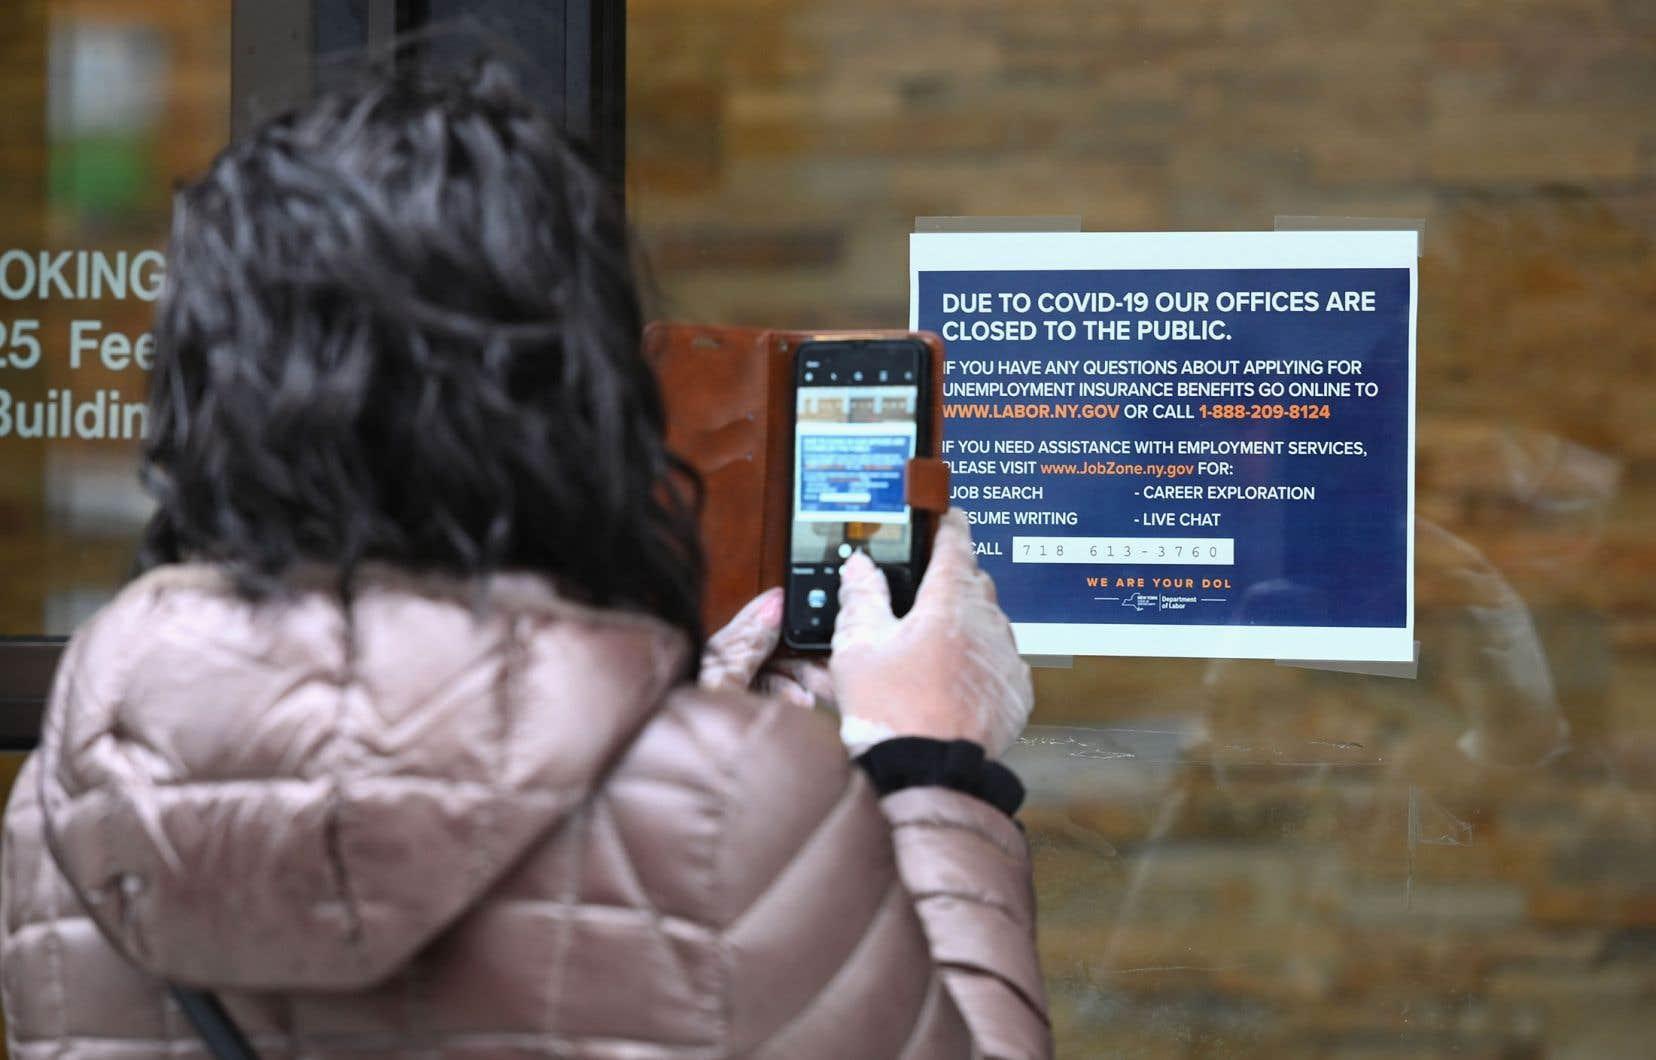 Une femme prend en photo les directives pour obtenir de l'assurance-chômage, devant les bureaux fermés du Ministère du travail, à New York.